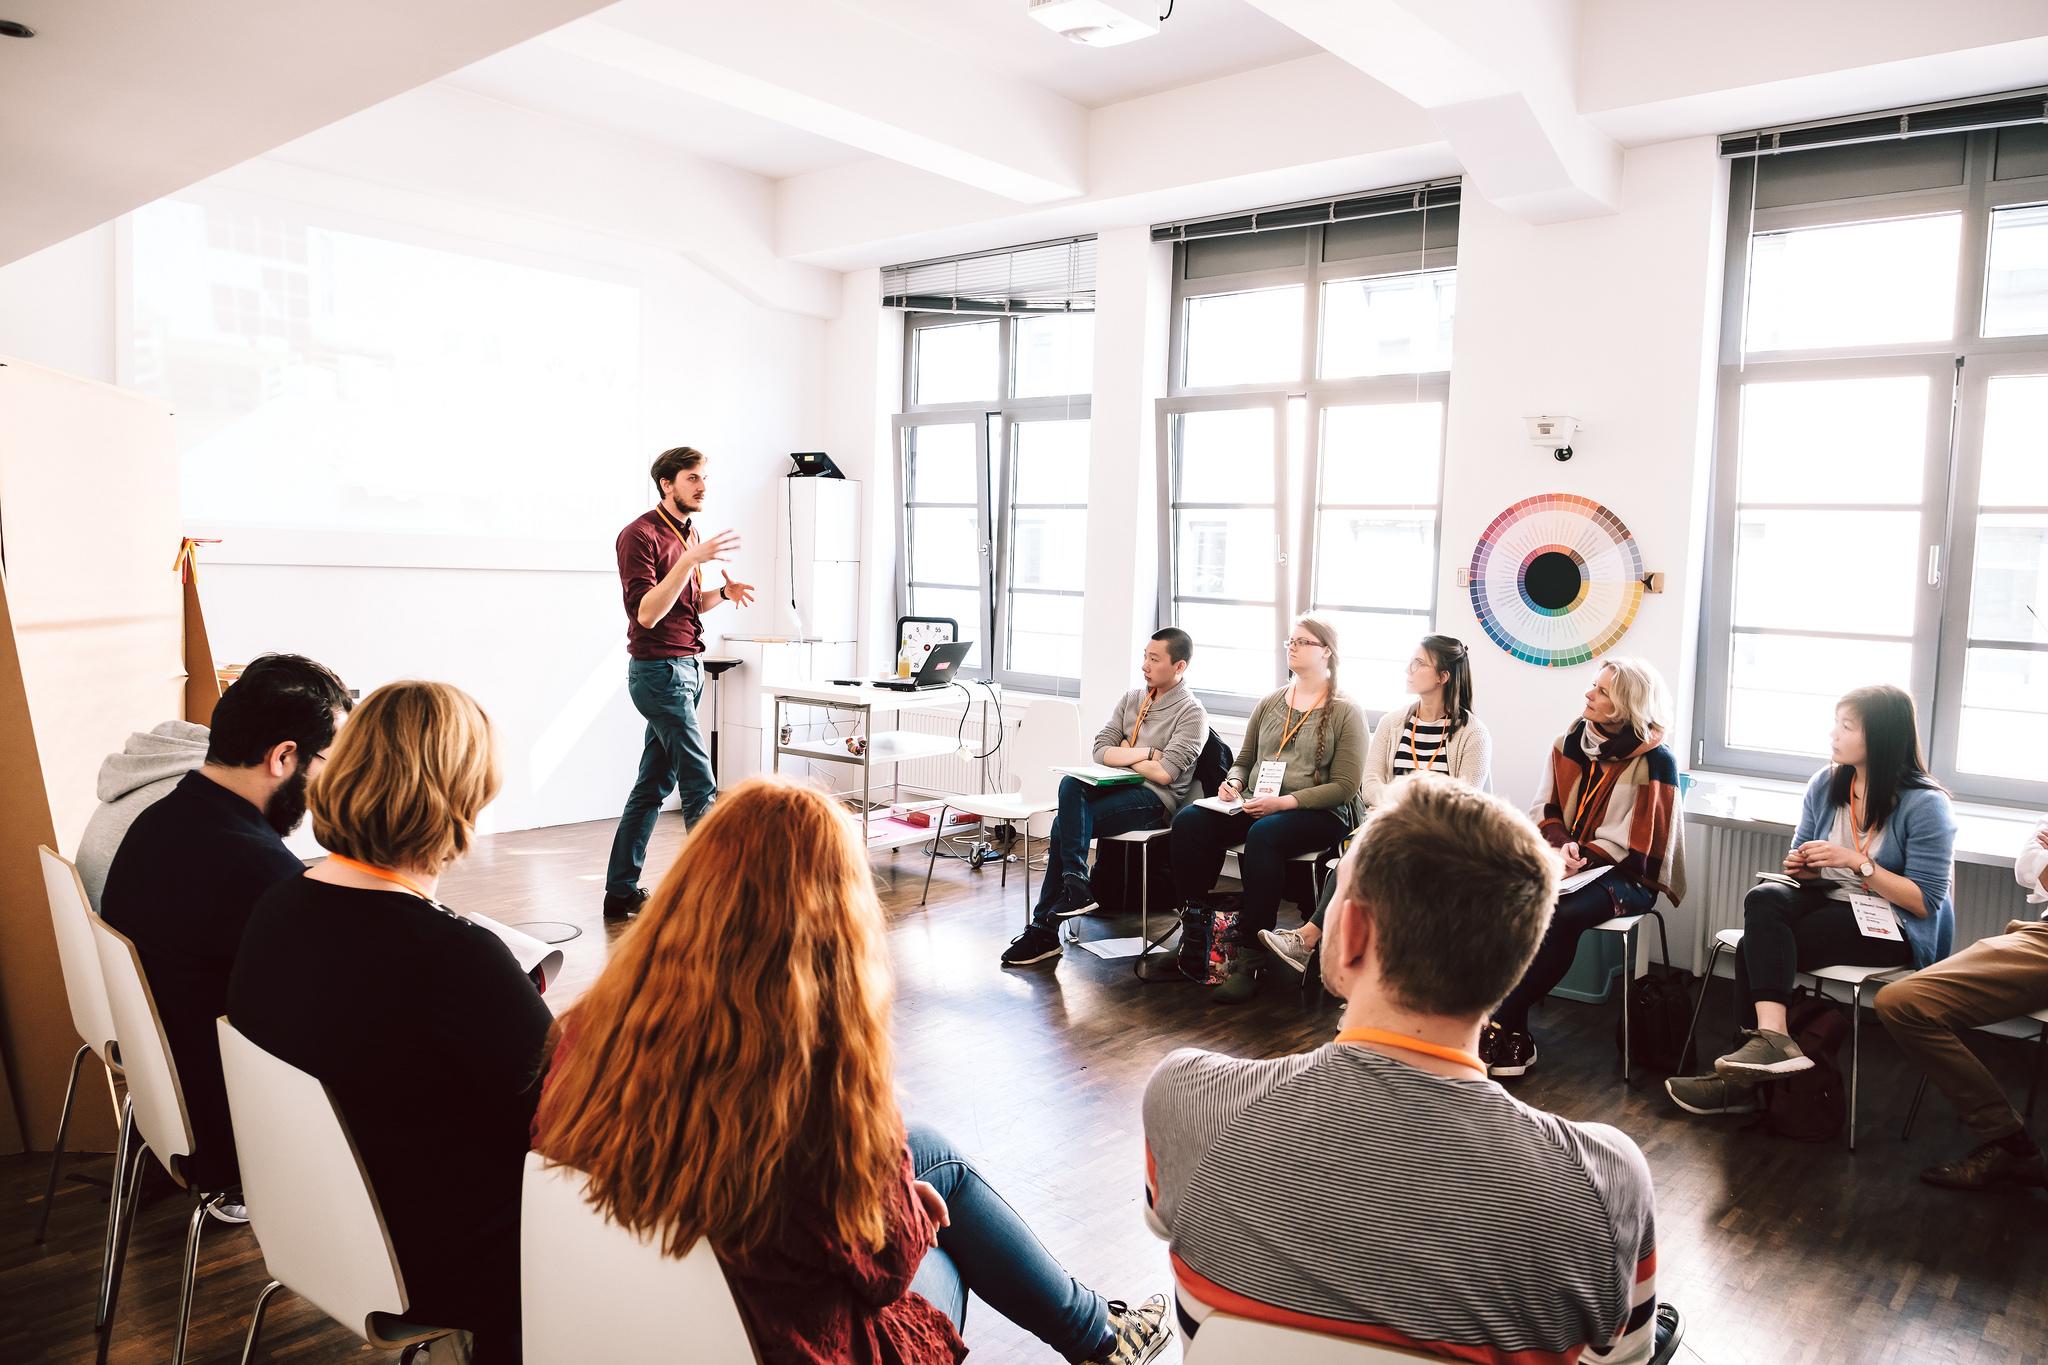 Ein Mann spricht vor einer Gruppe Menschen, die vor ihm im Stuhlkreis sitzt.